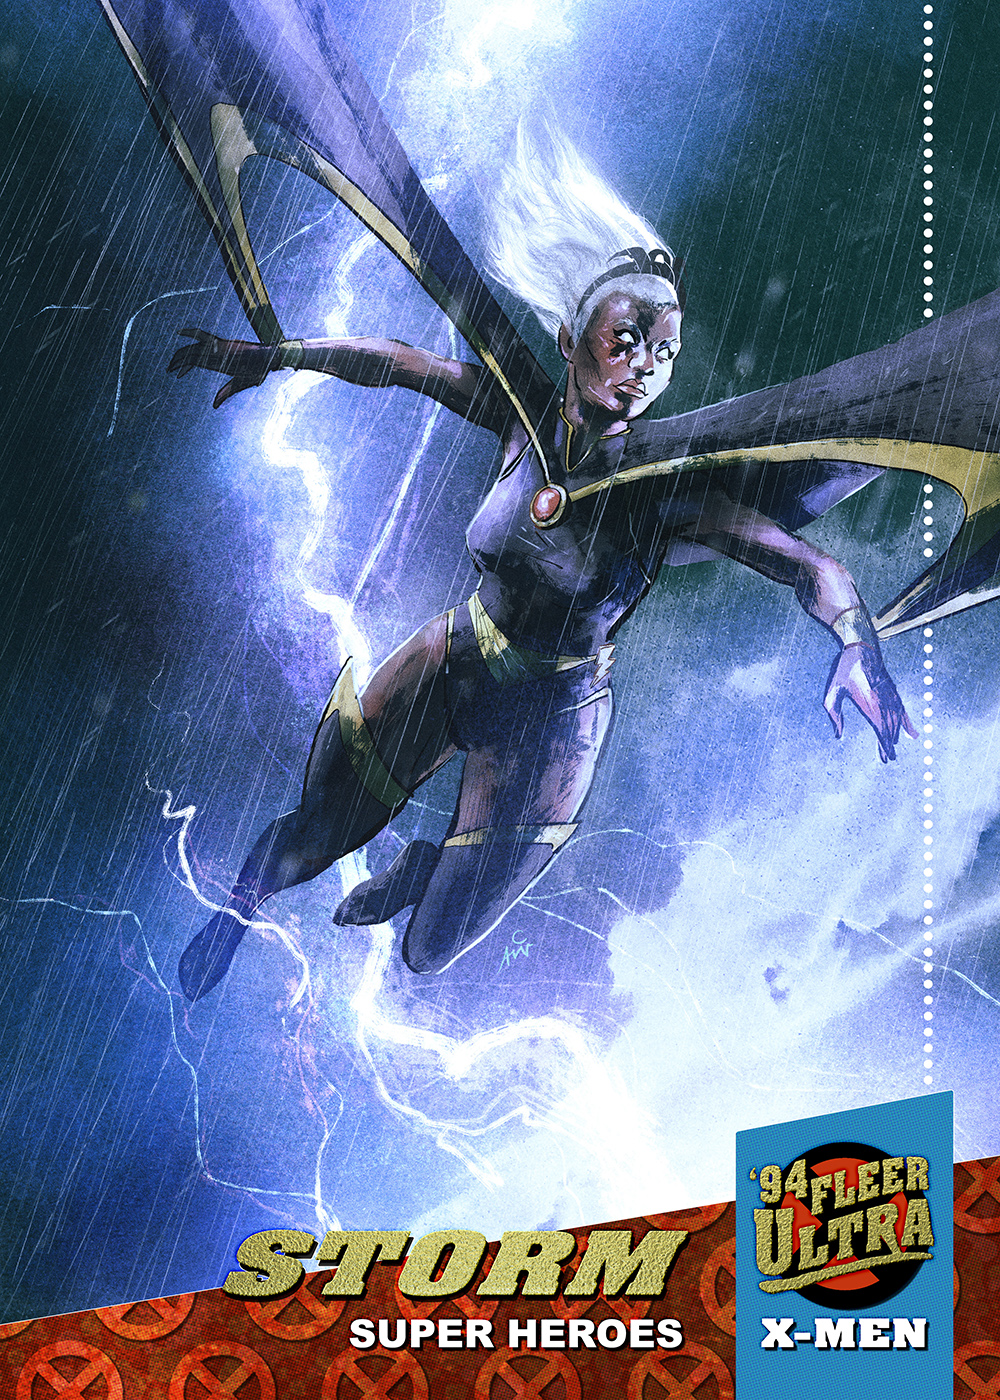 Storm: Fleer Ultra '94